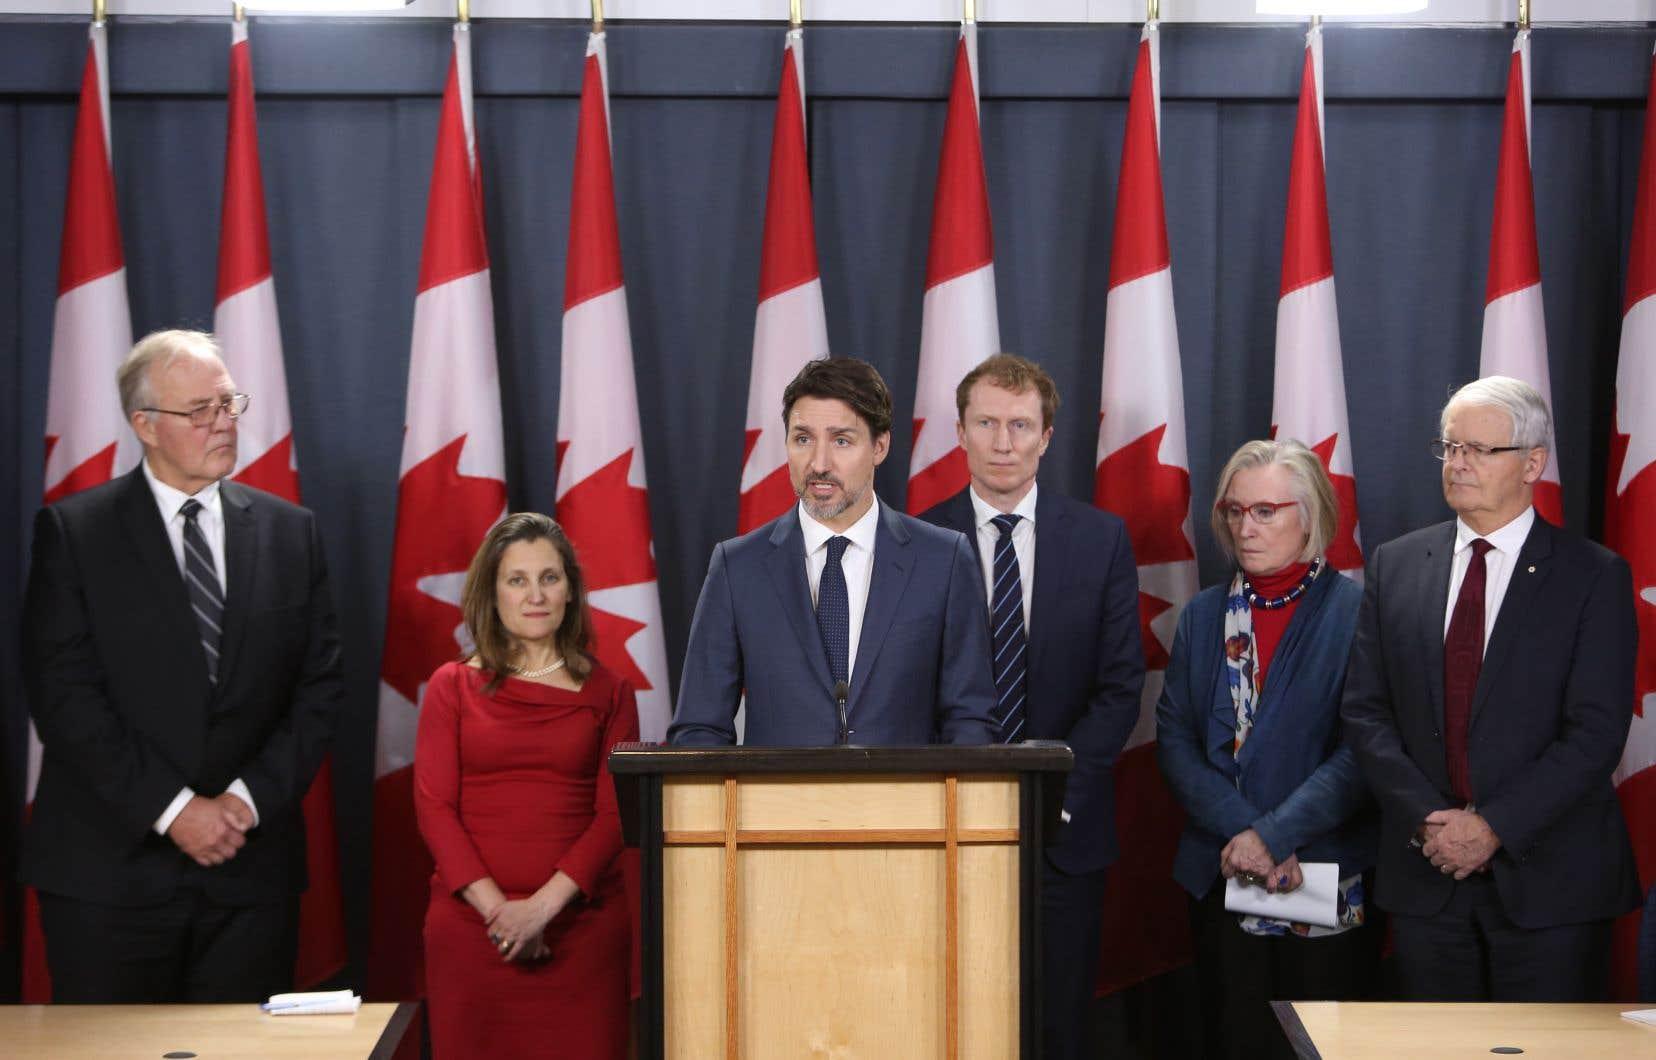 «La situation actuelle est inacceptable et intenable», a dit Justin Trudeau lors d'une conférence de presse au terme d'une rencontre avec ses ministres.